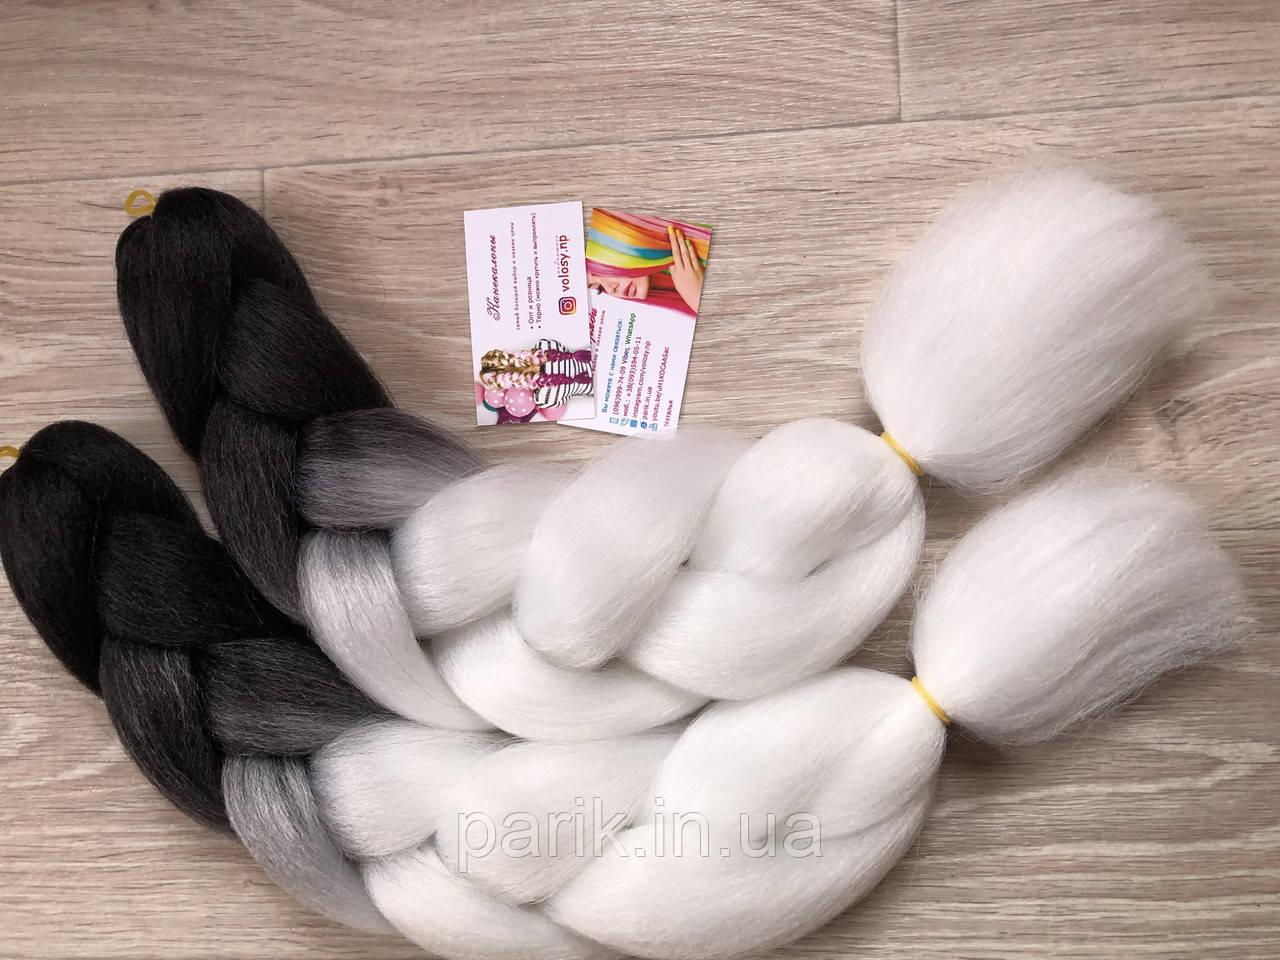 🖤 Канекалон чёрный-белый, косы для впелетения в волосы, разнообразные причёски 🖤